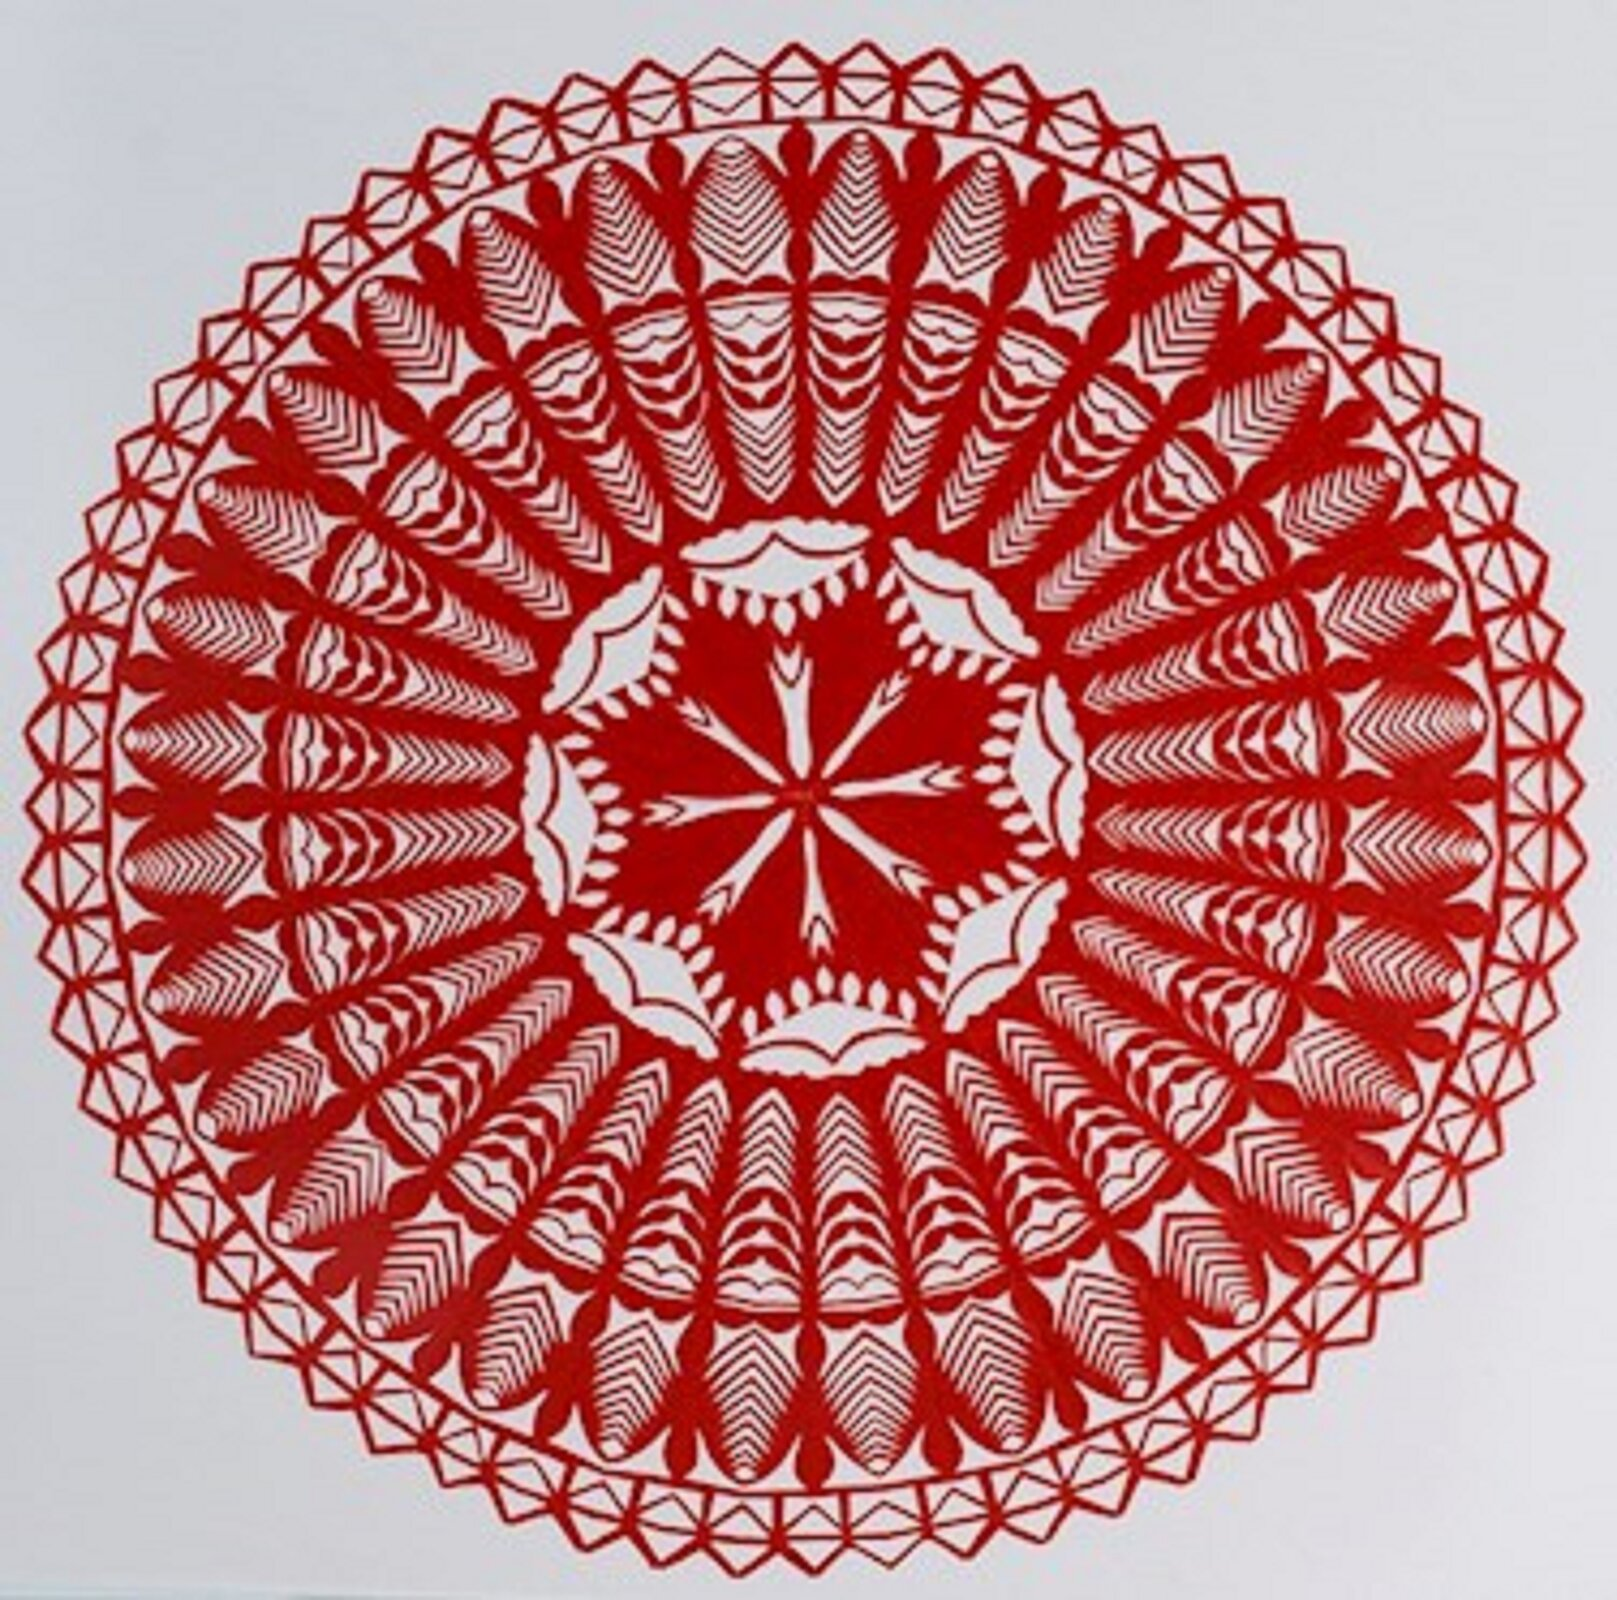 Ilustracja przedstawia kurpiowską gwiazdę. Wzór jest wykonany wkolorze czerwony. Składa się ztrzech pierścieni oróżnej grubości ikola wśrodku. Zewnętrzny pierścień dookoła to ułożone obok siebie otwarte koperty. Każdy pierścień ma inny wzór, aśrodek to gwiazda oośmiu wierzchołkach.